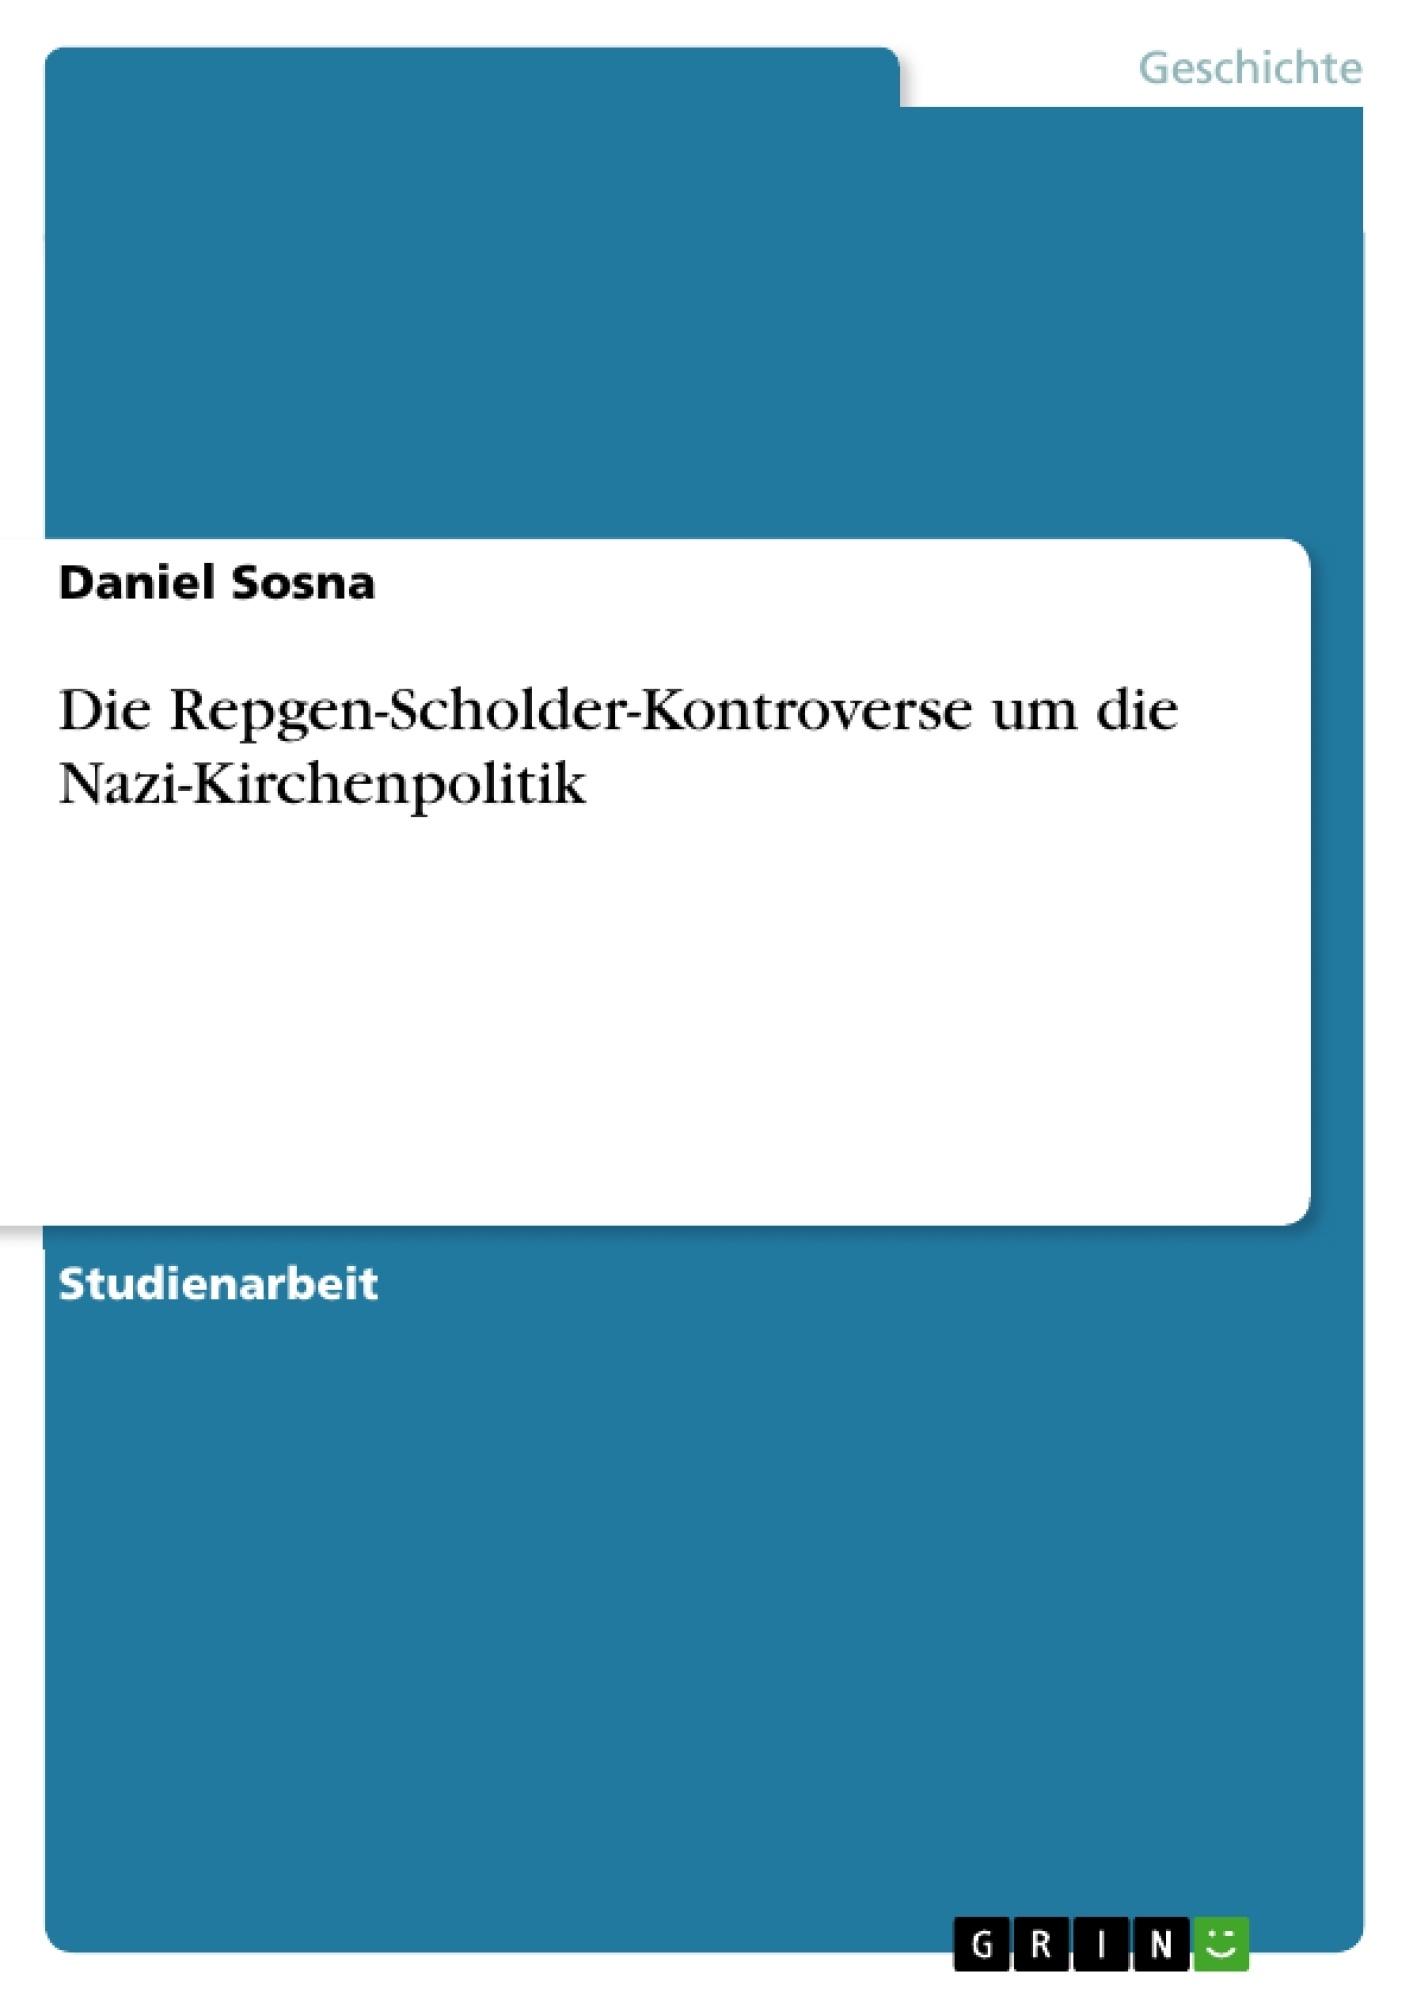 Titel: Die Repgen-Scholder-Kontroverse um die Nazi-Kirchenpolitik